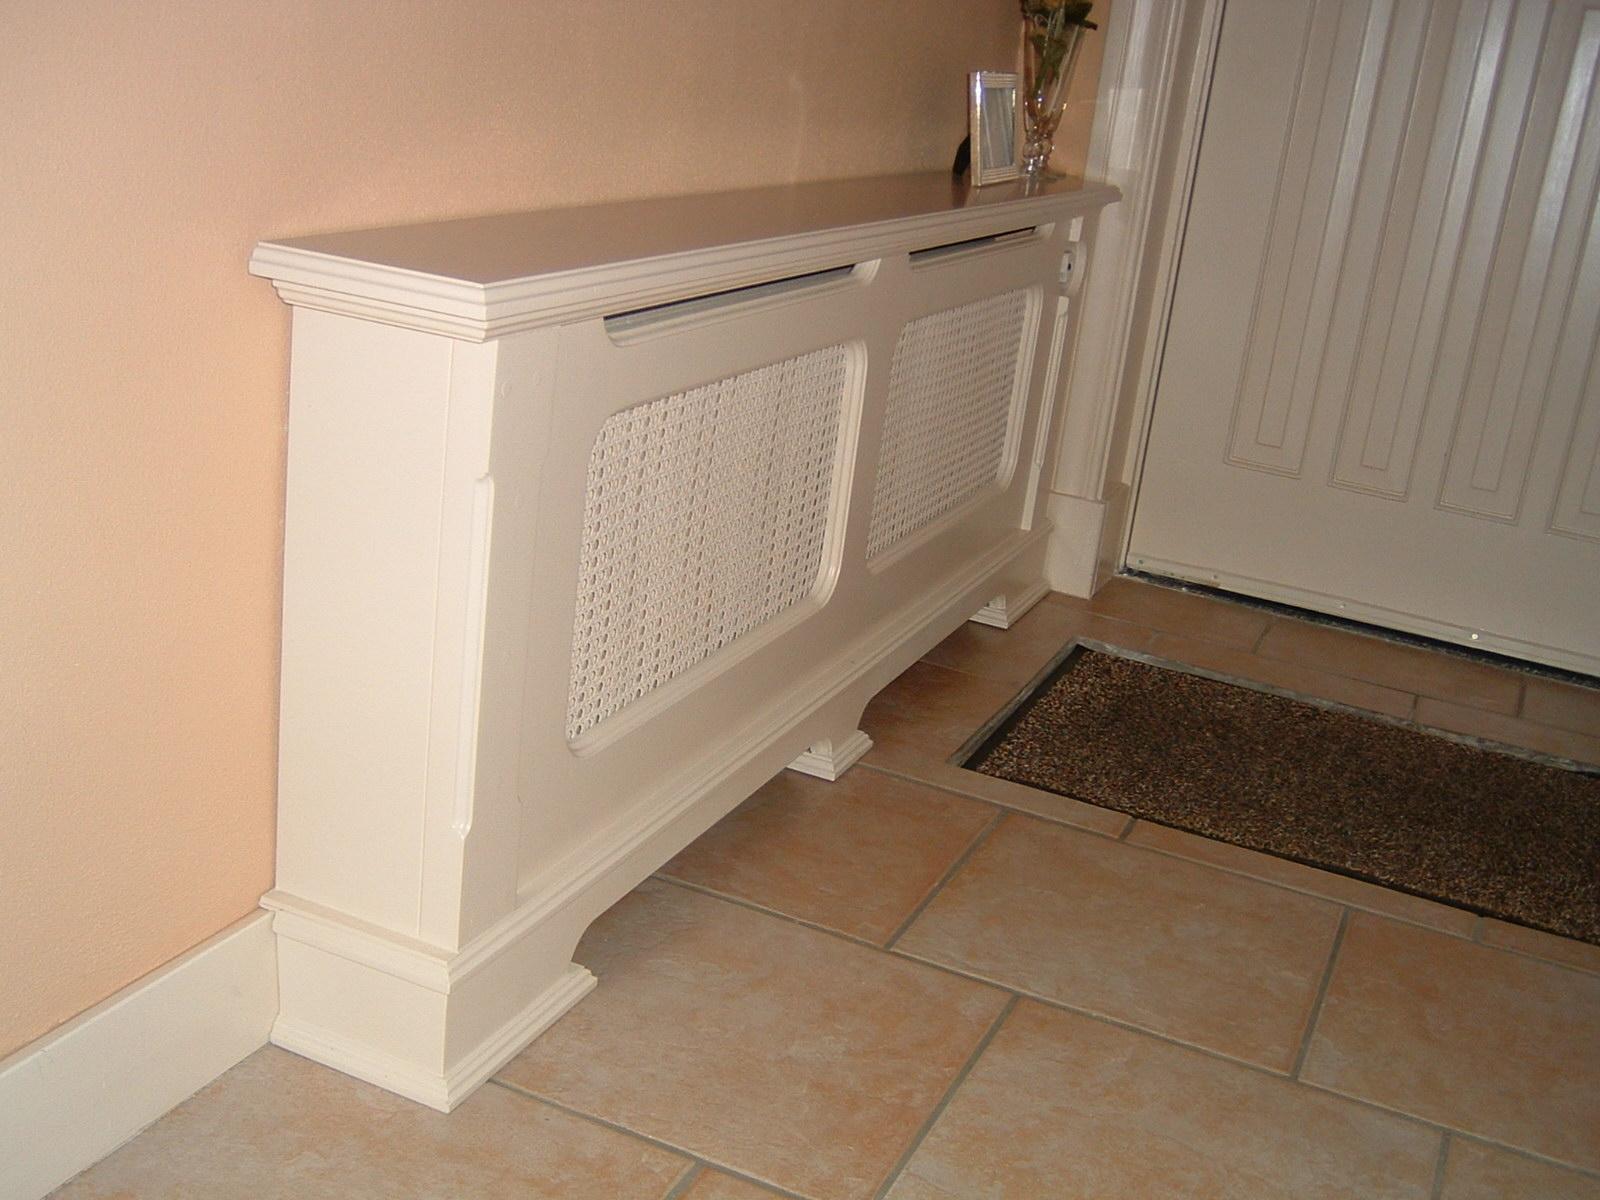 Ventilator Badkamer En Wc ~ Houten radiatorombouw, Radiator bekleding koof voor radiator van hout